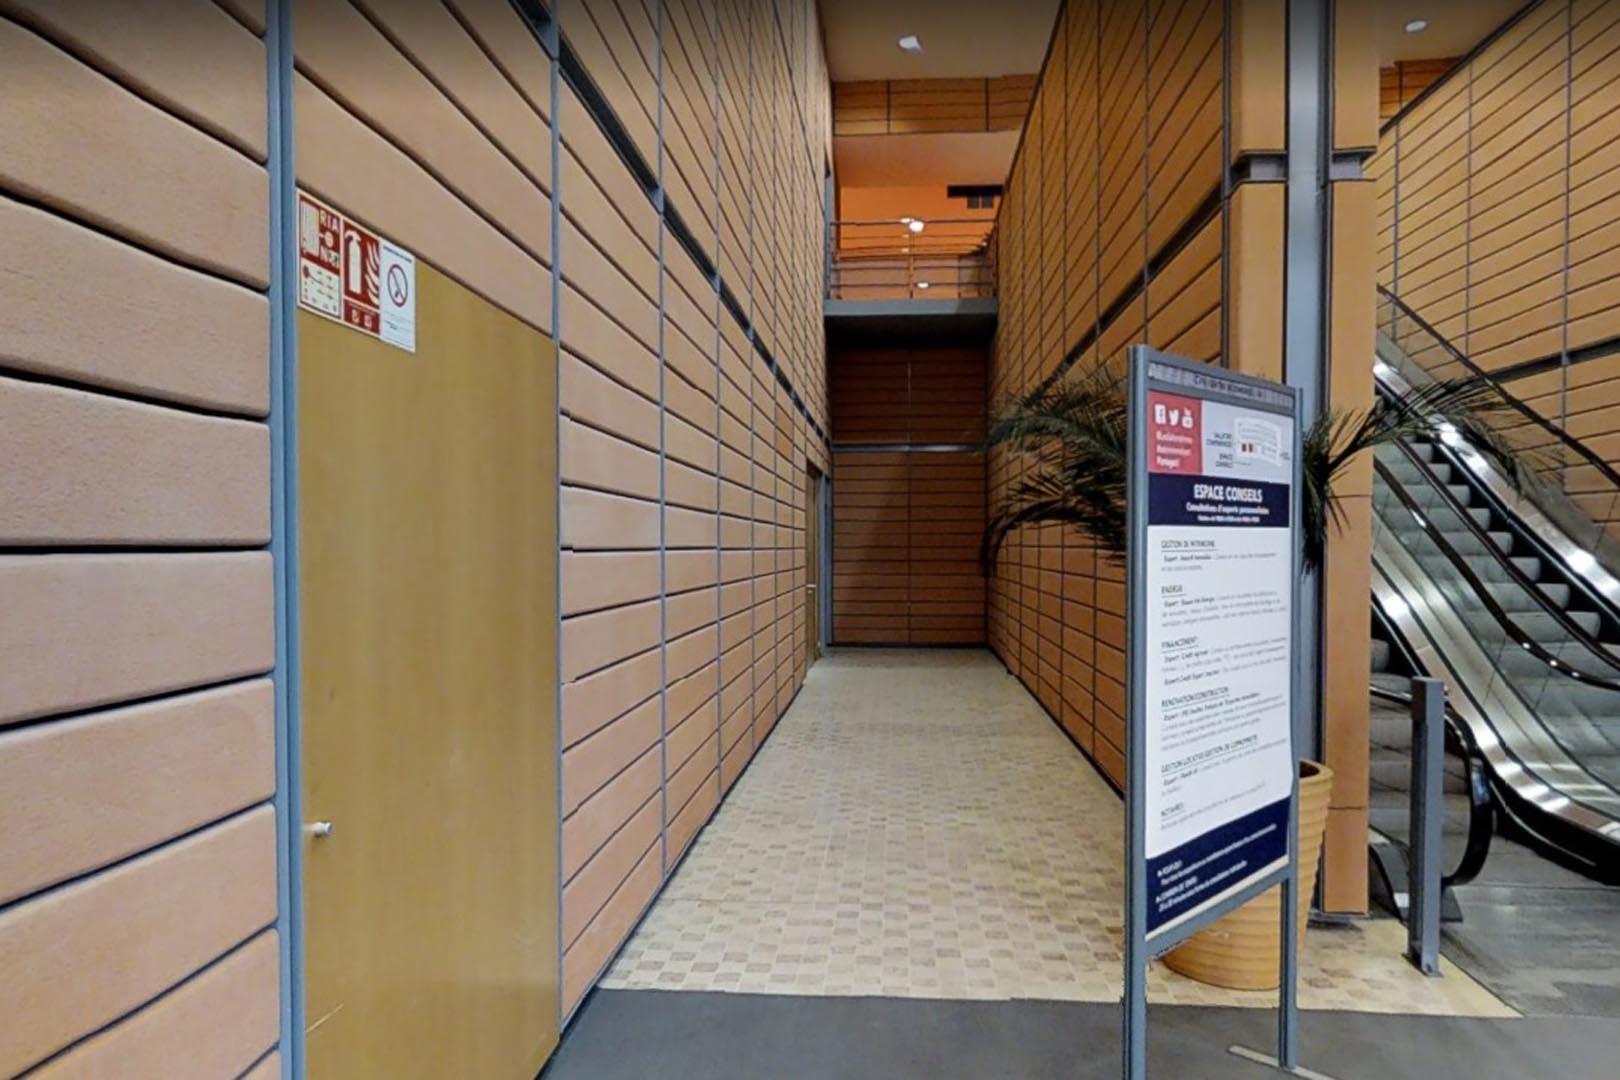 Pavimenti interni in Marmo Grolla al Citè Internationale de Lyon